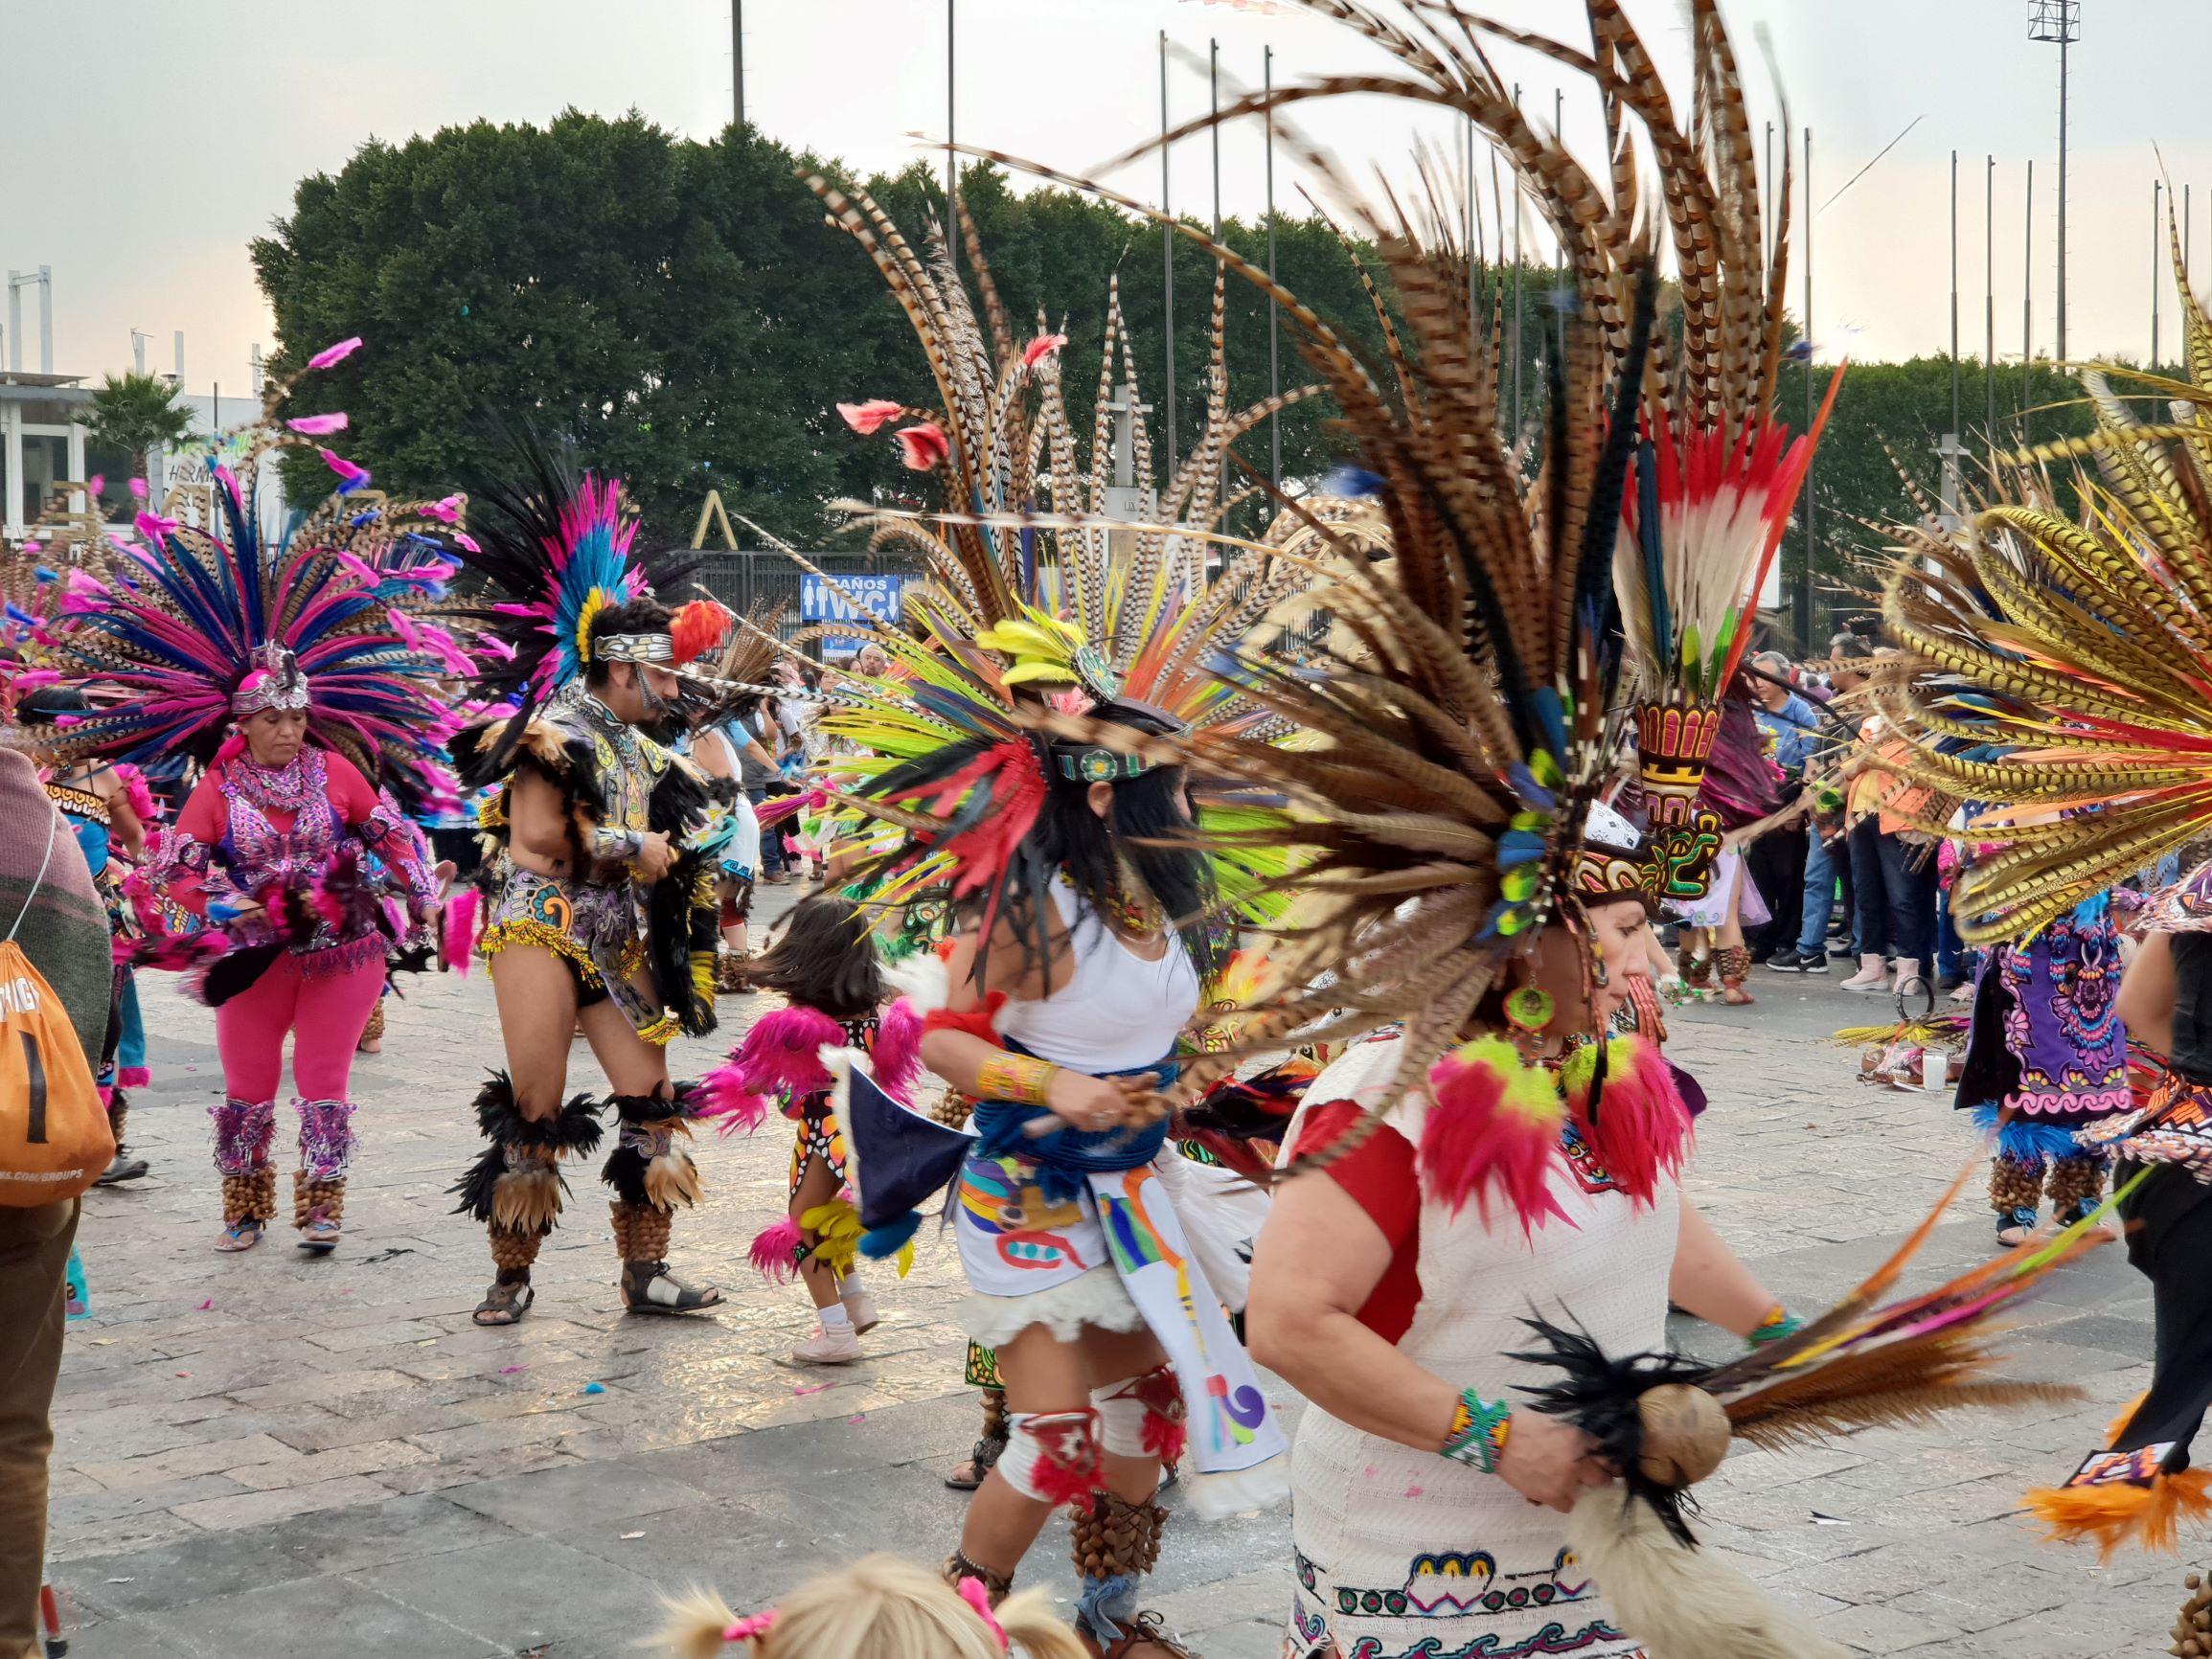 Kalandok és érdekességek Mexikóvárosban